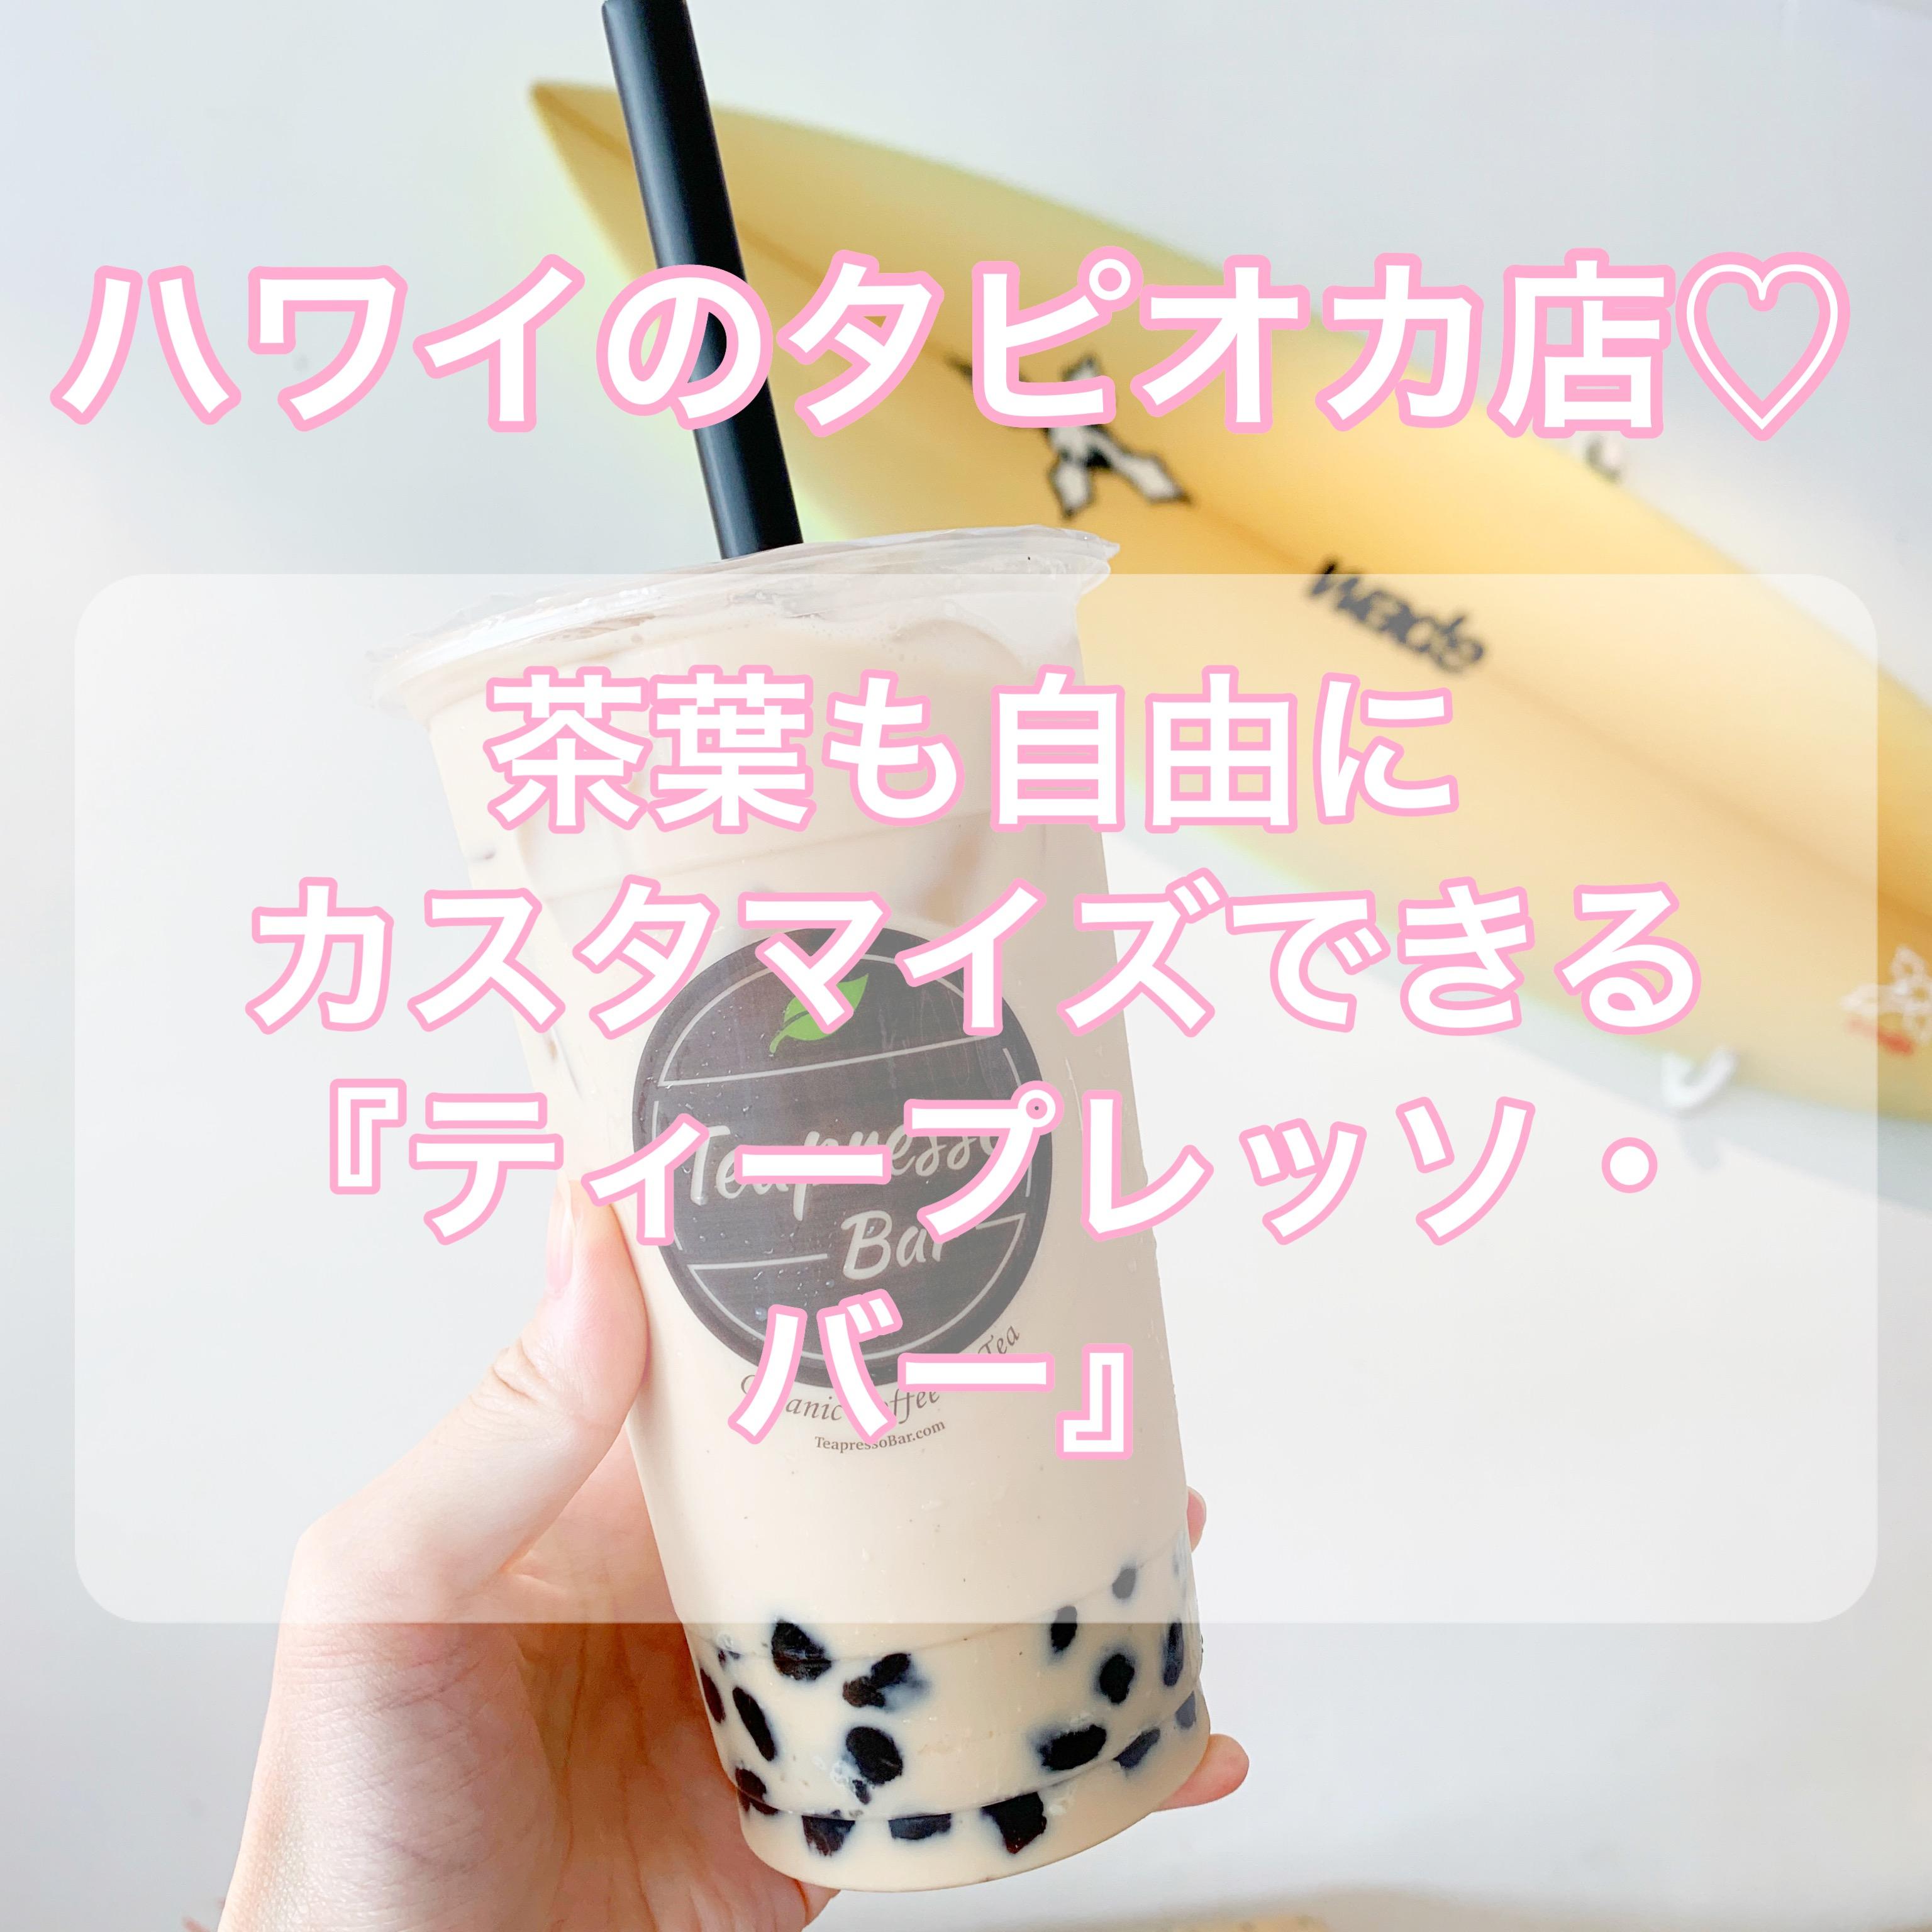 【ハワイのタピオカ】「Tea Presso Bar(ティープレッソ・バー)」茶葉が自由にカスタマイズ【人気】